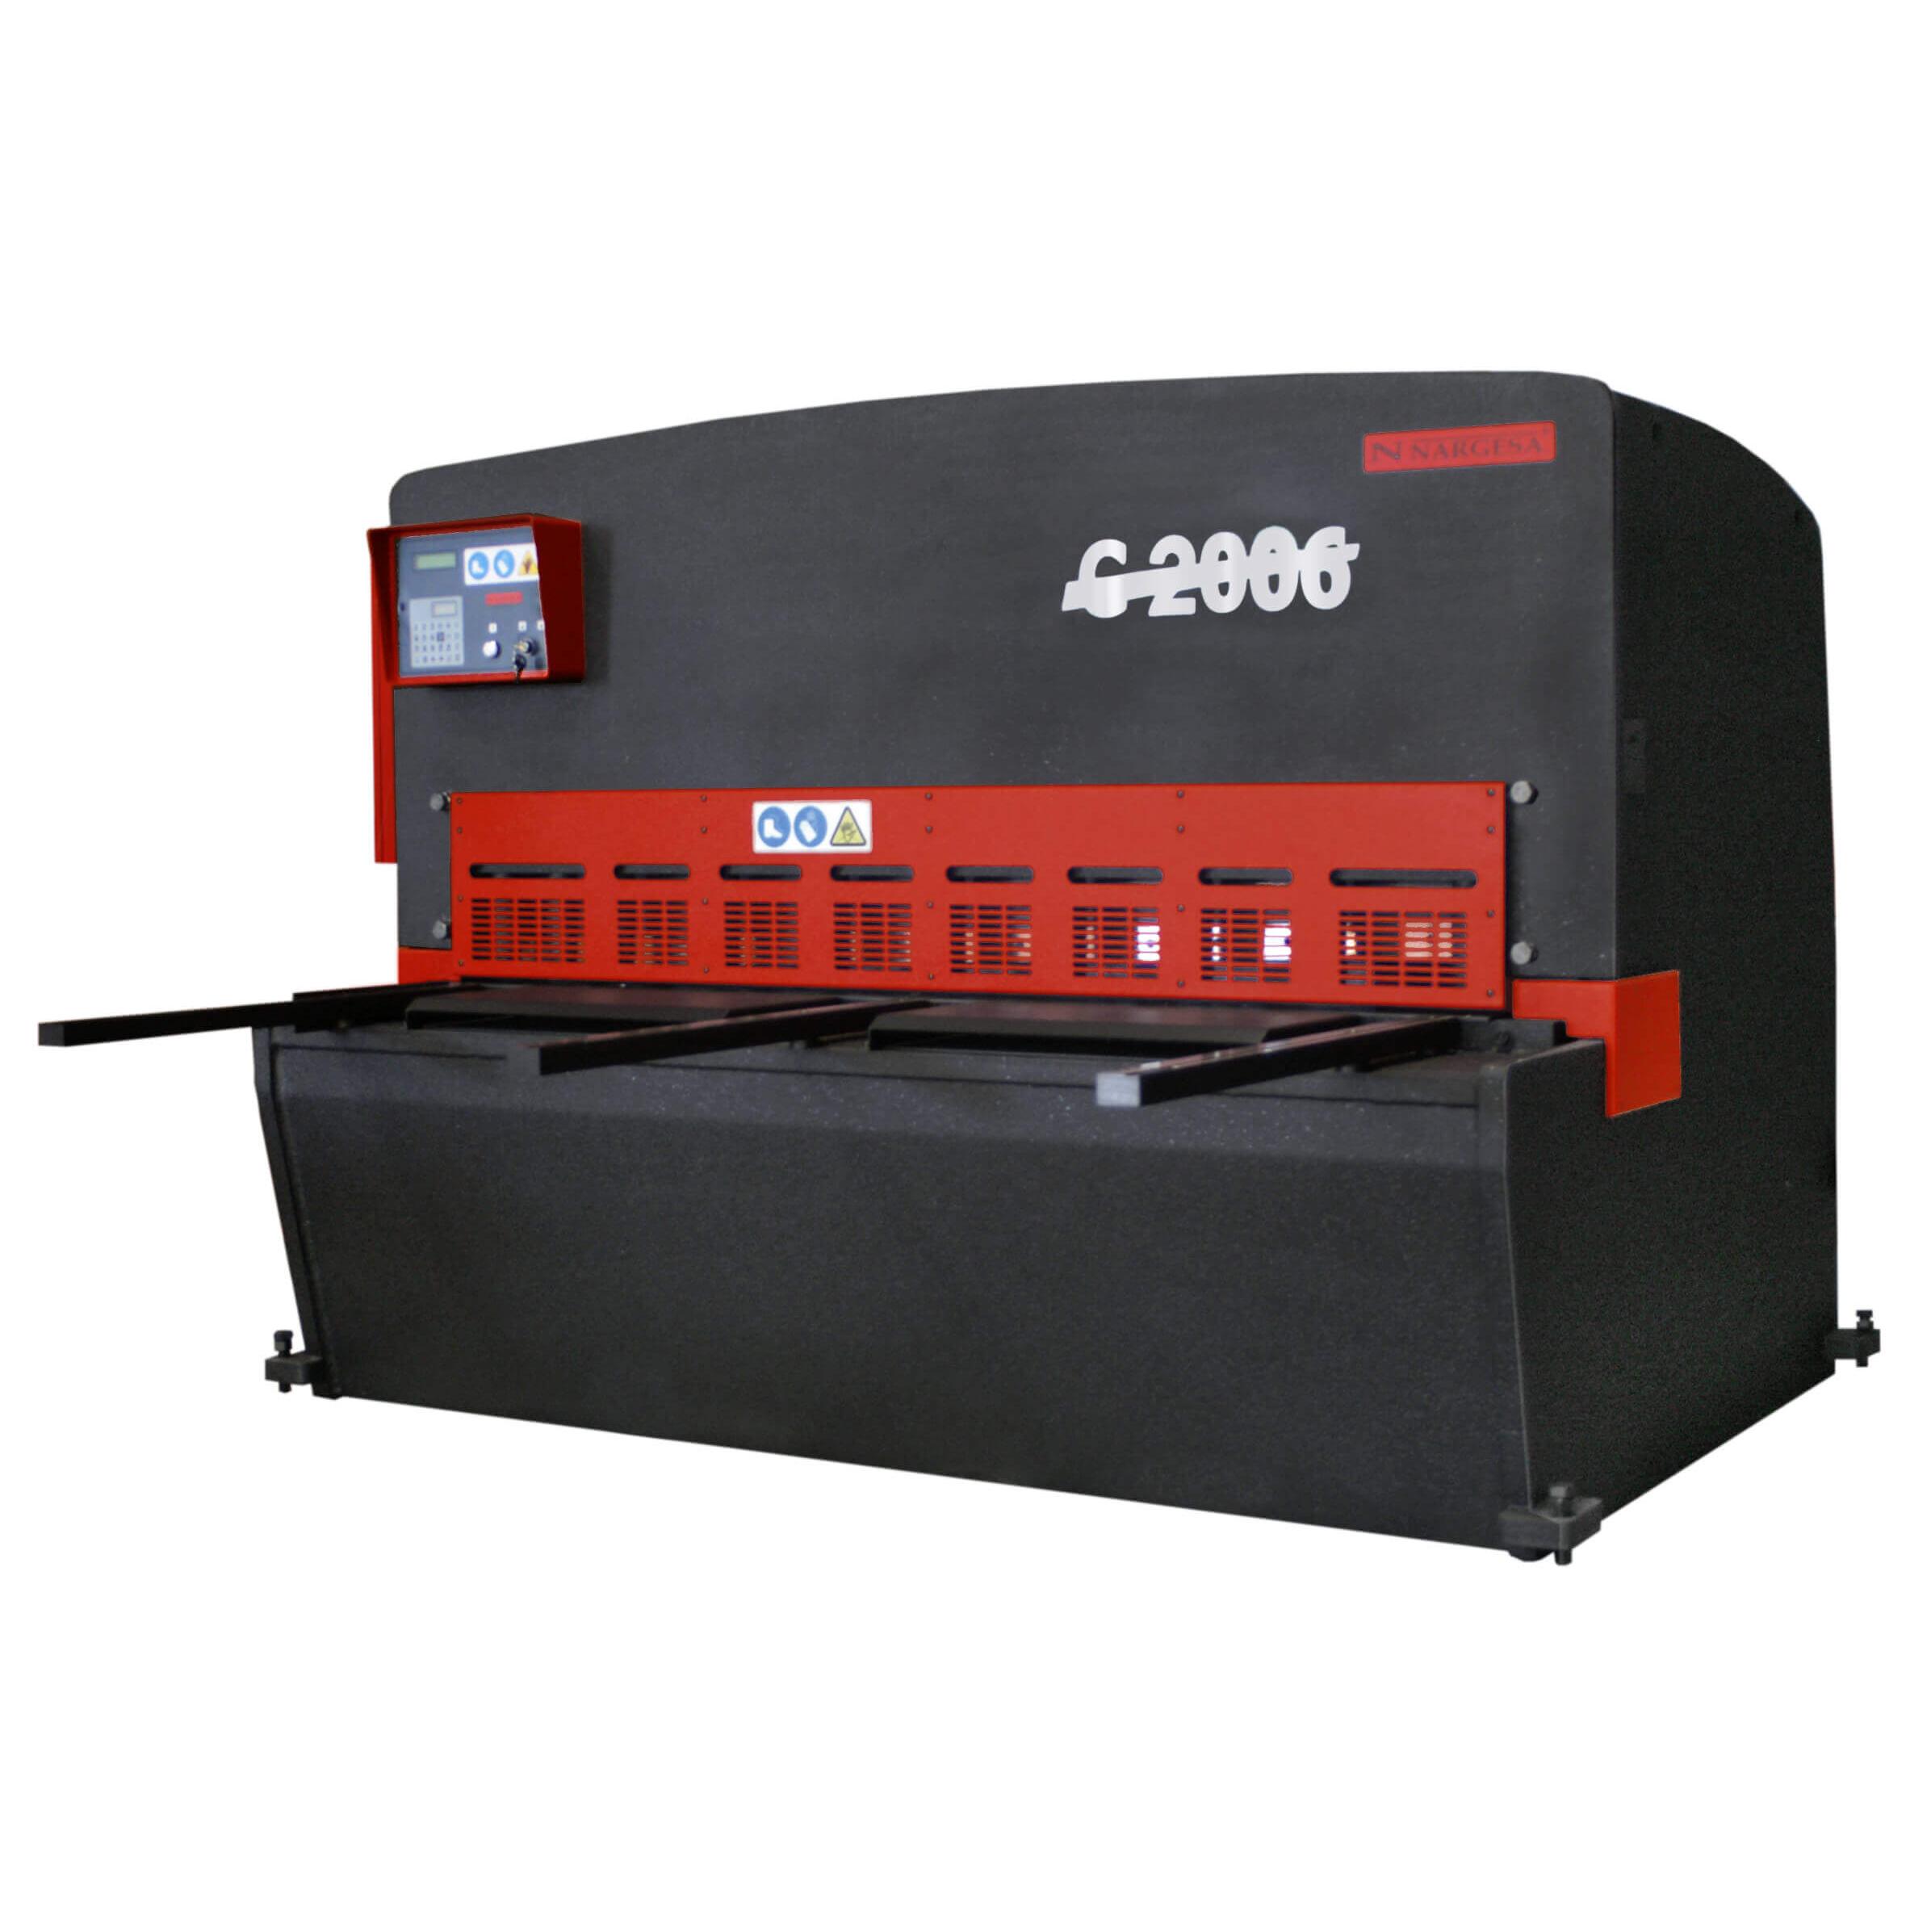 NARGESA - C2006 MODEL